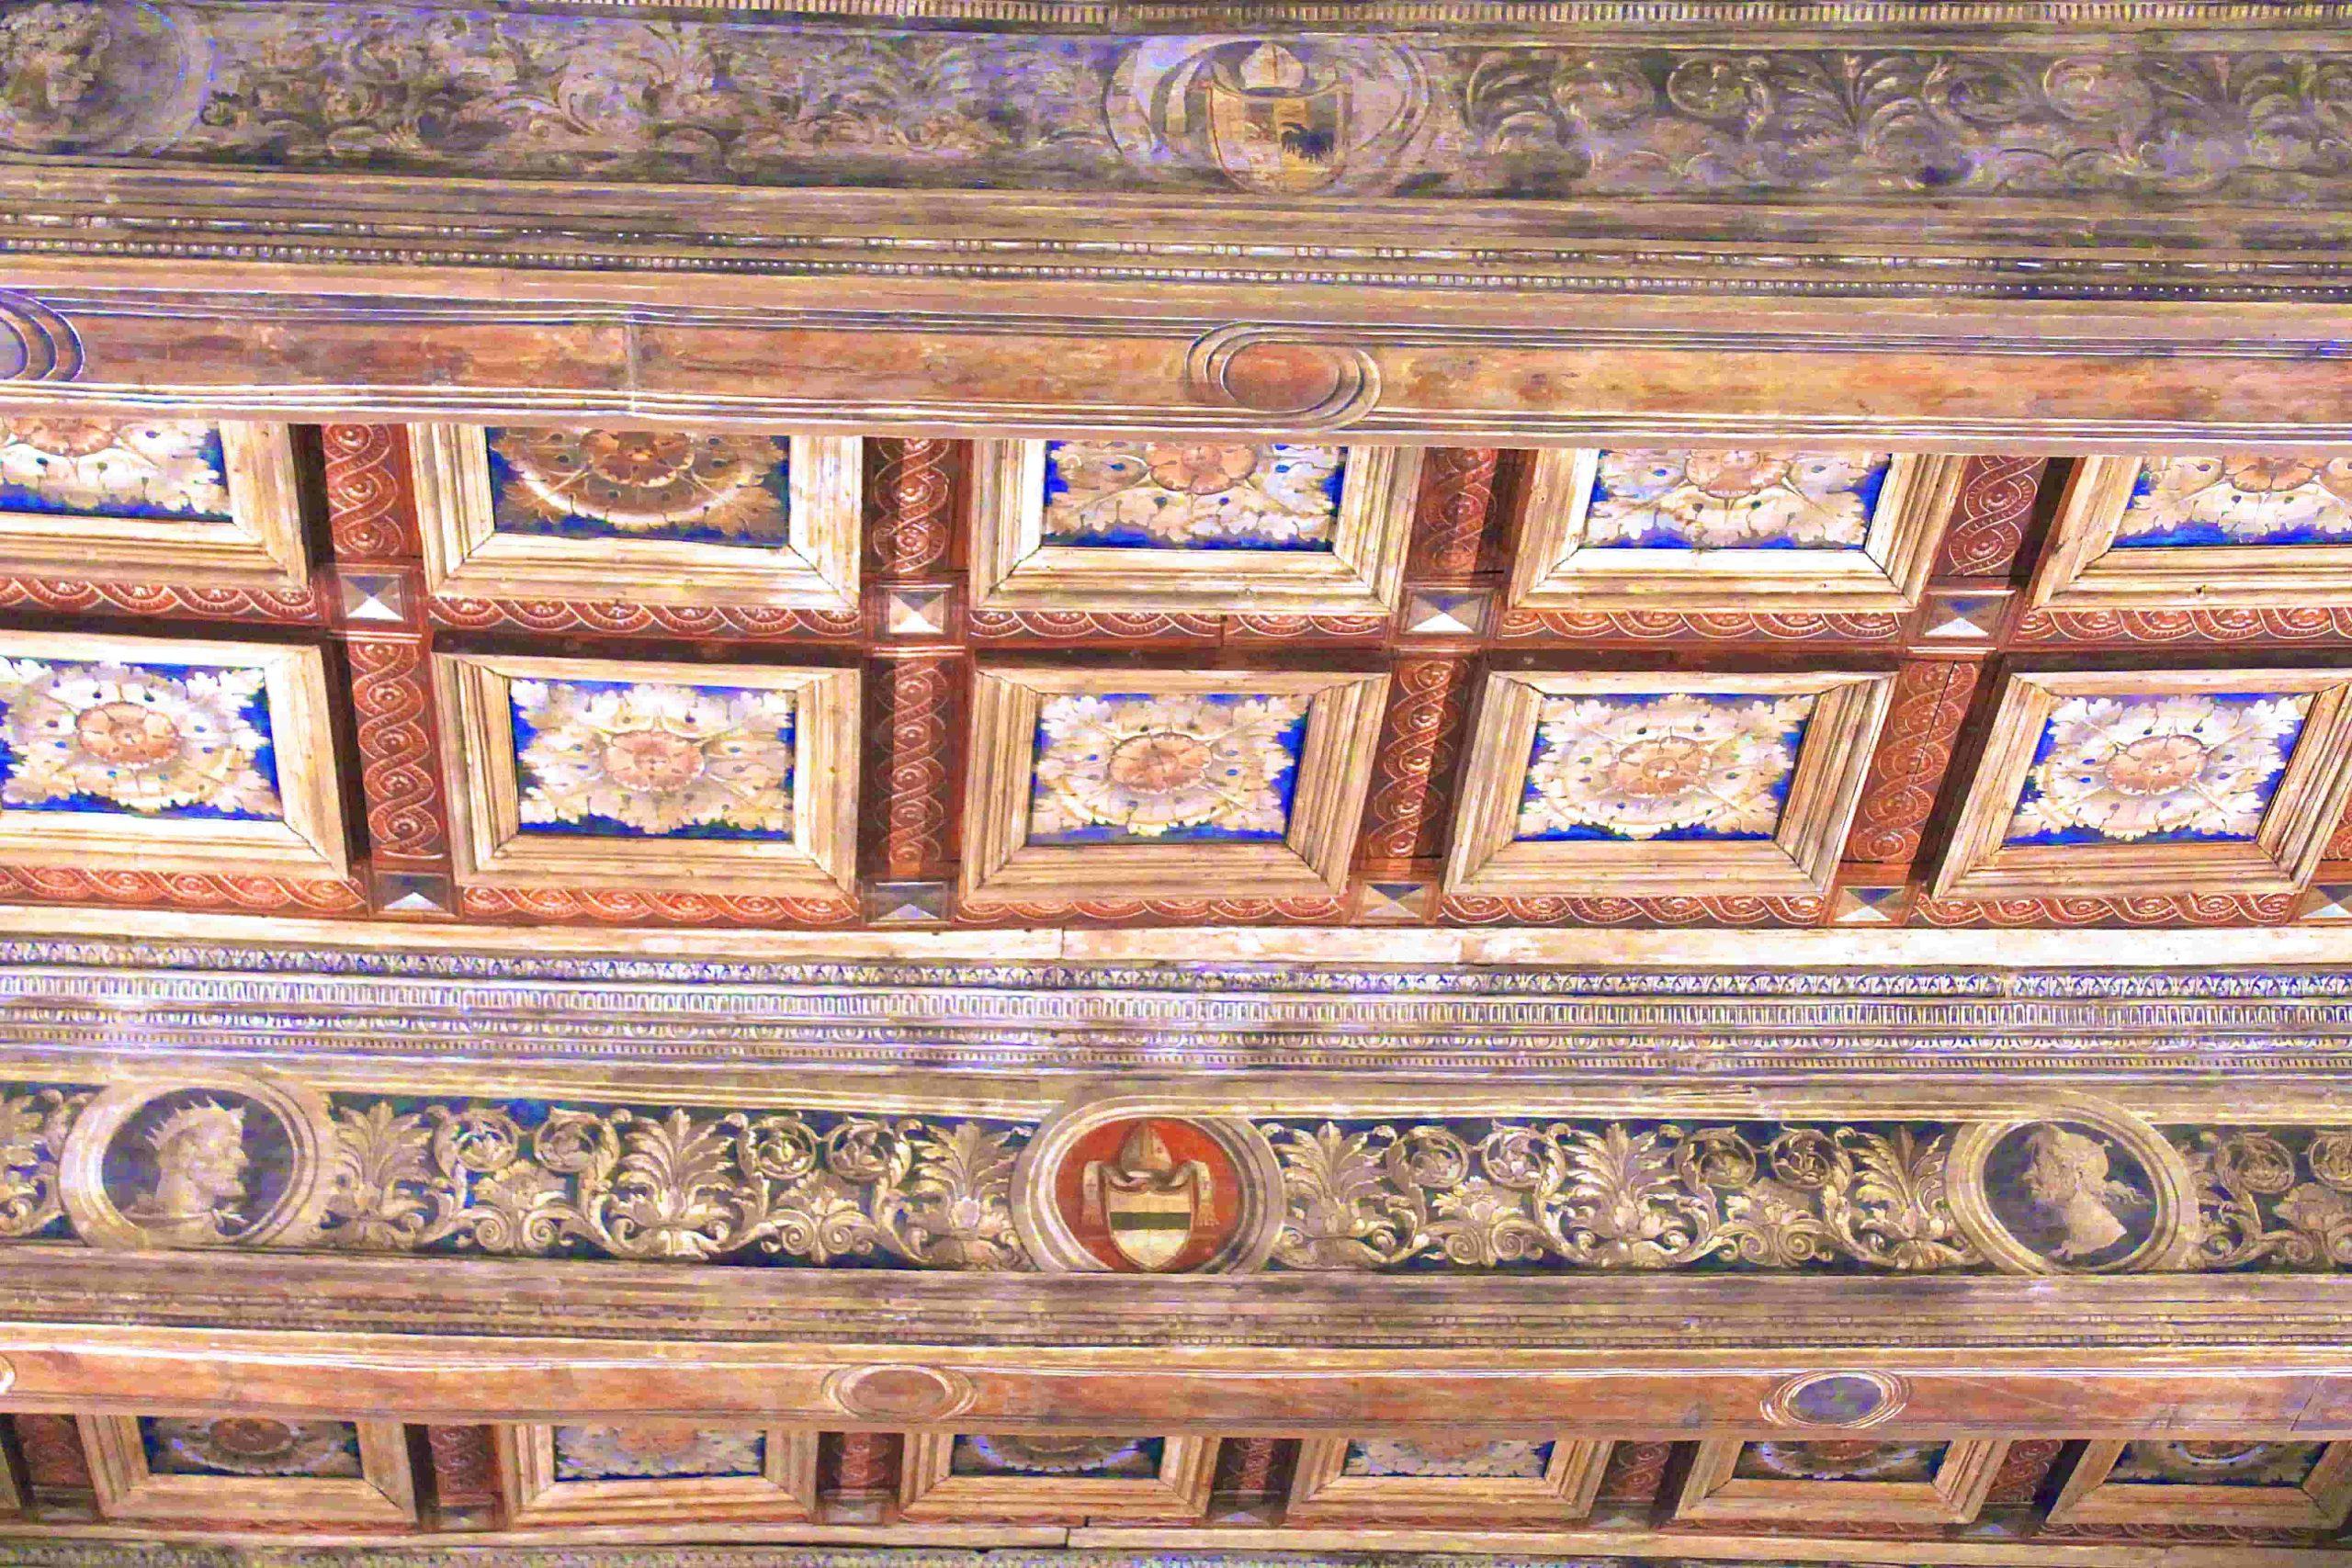 Things-to-do-in-Padua-Ceilings 1